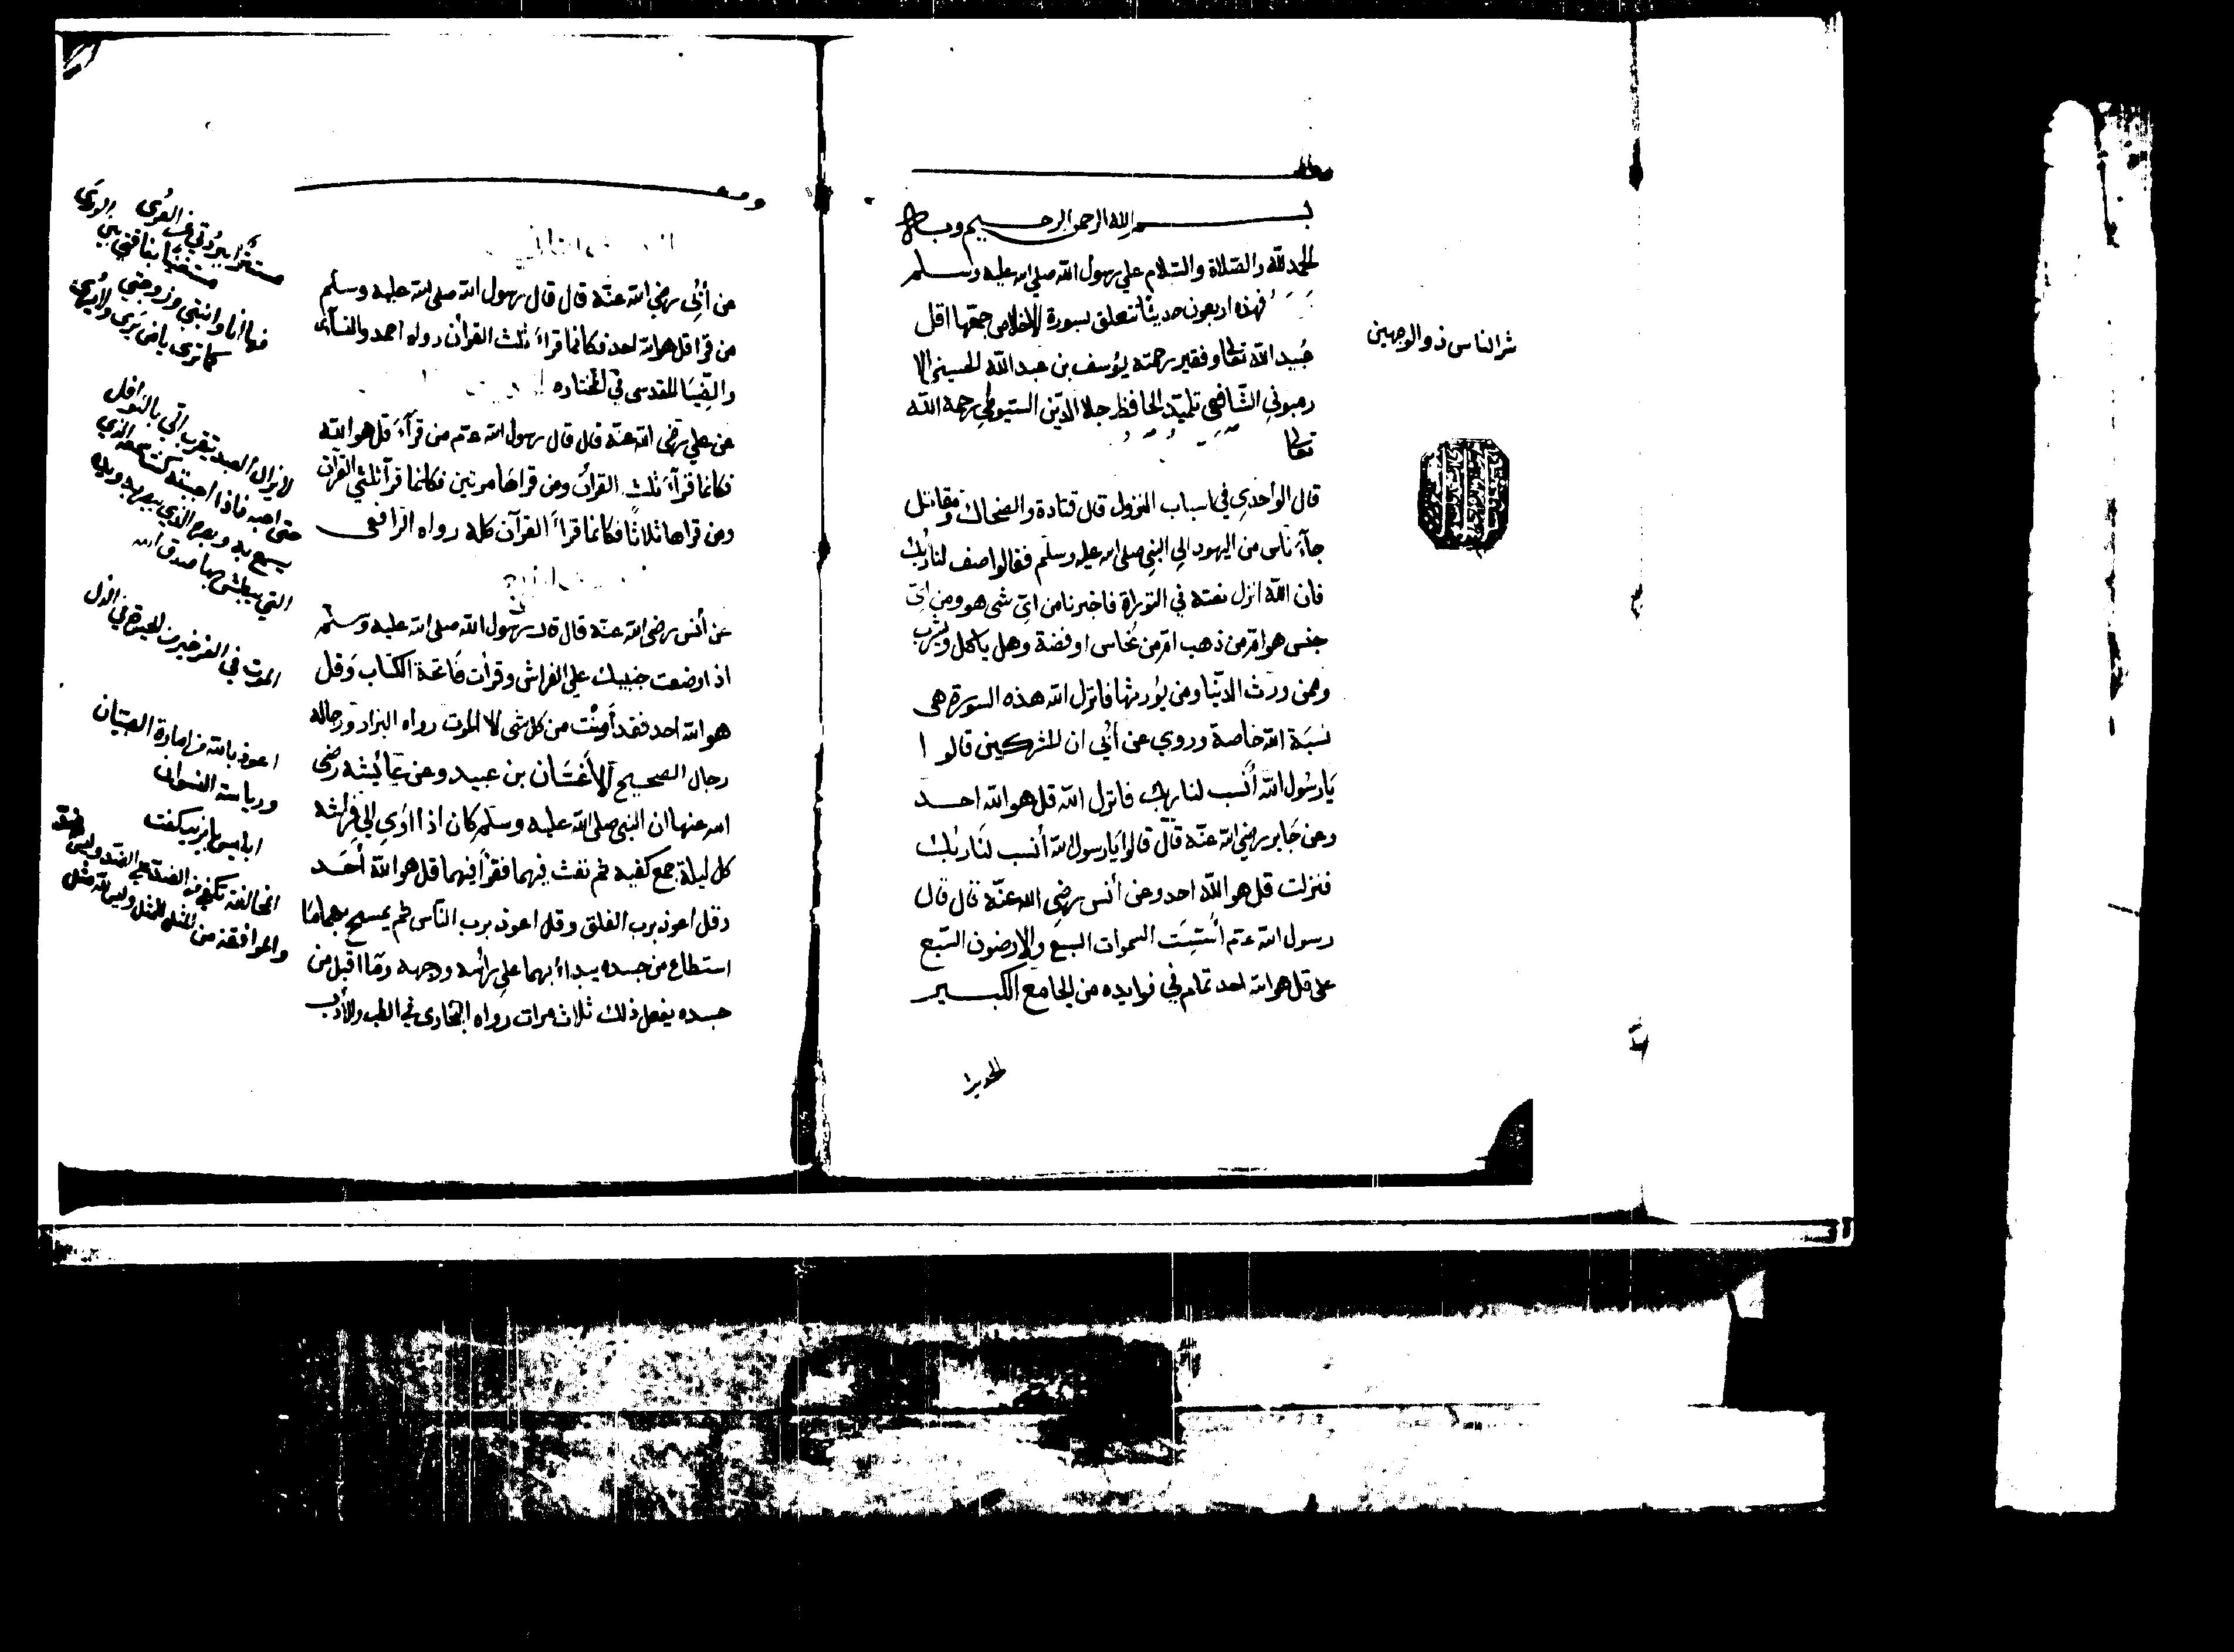 تحميل كتاب أربعون حديثًا في فضل سورة الإخلاص لـِ: الإمام جمال الدين يوسف بن عبد الله الحسيني الأرميوني الشافعي (ت 958)